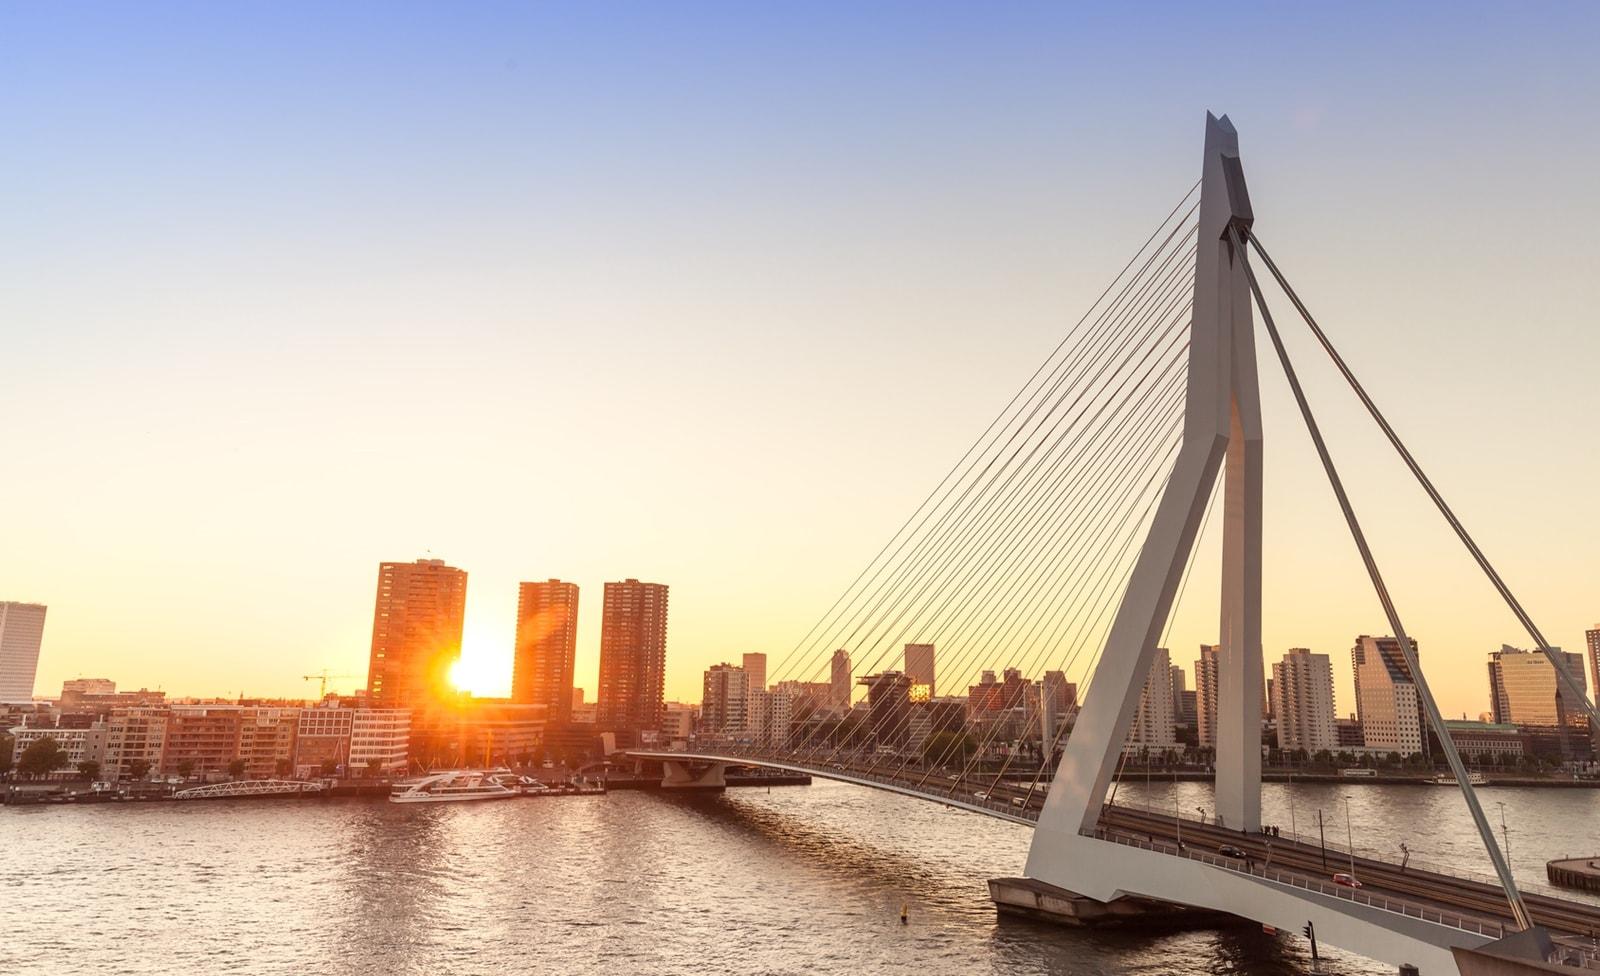 Rotterdamer Erasmusbrücke